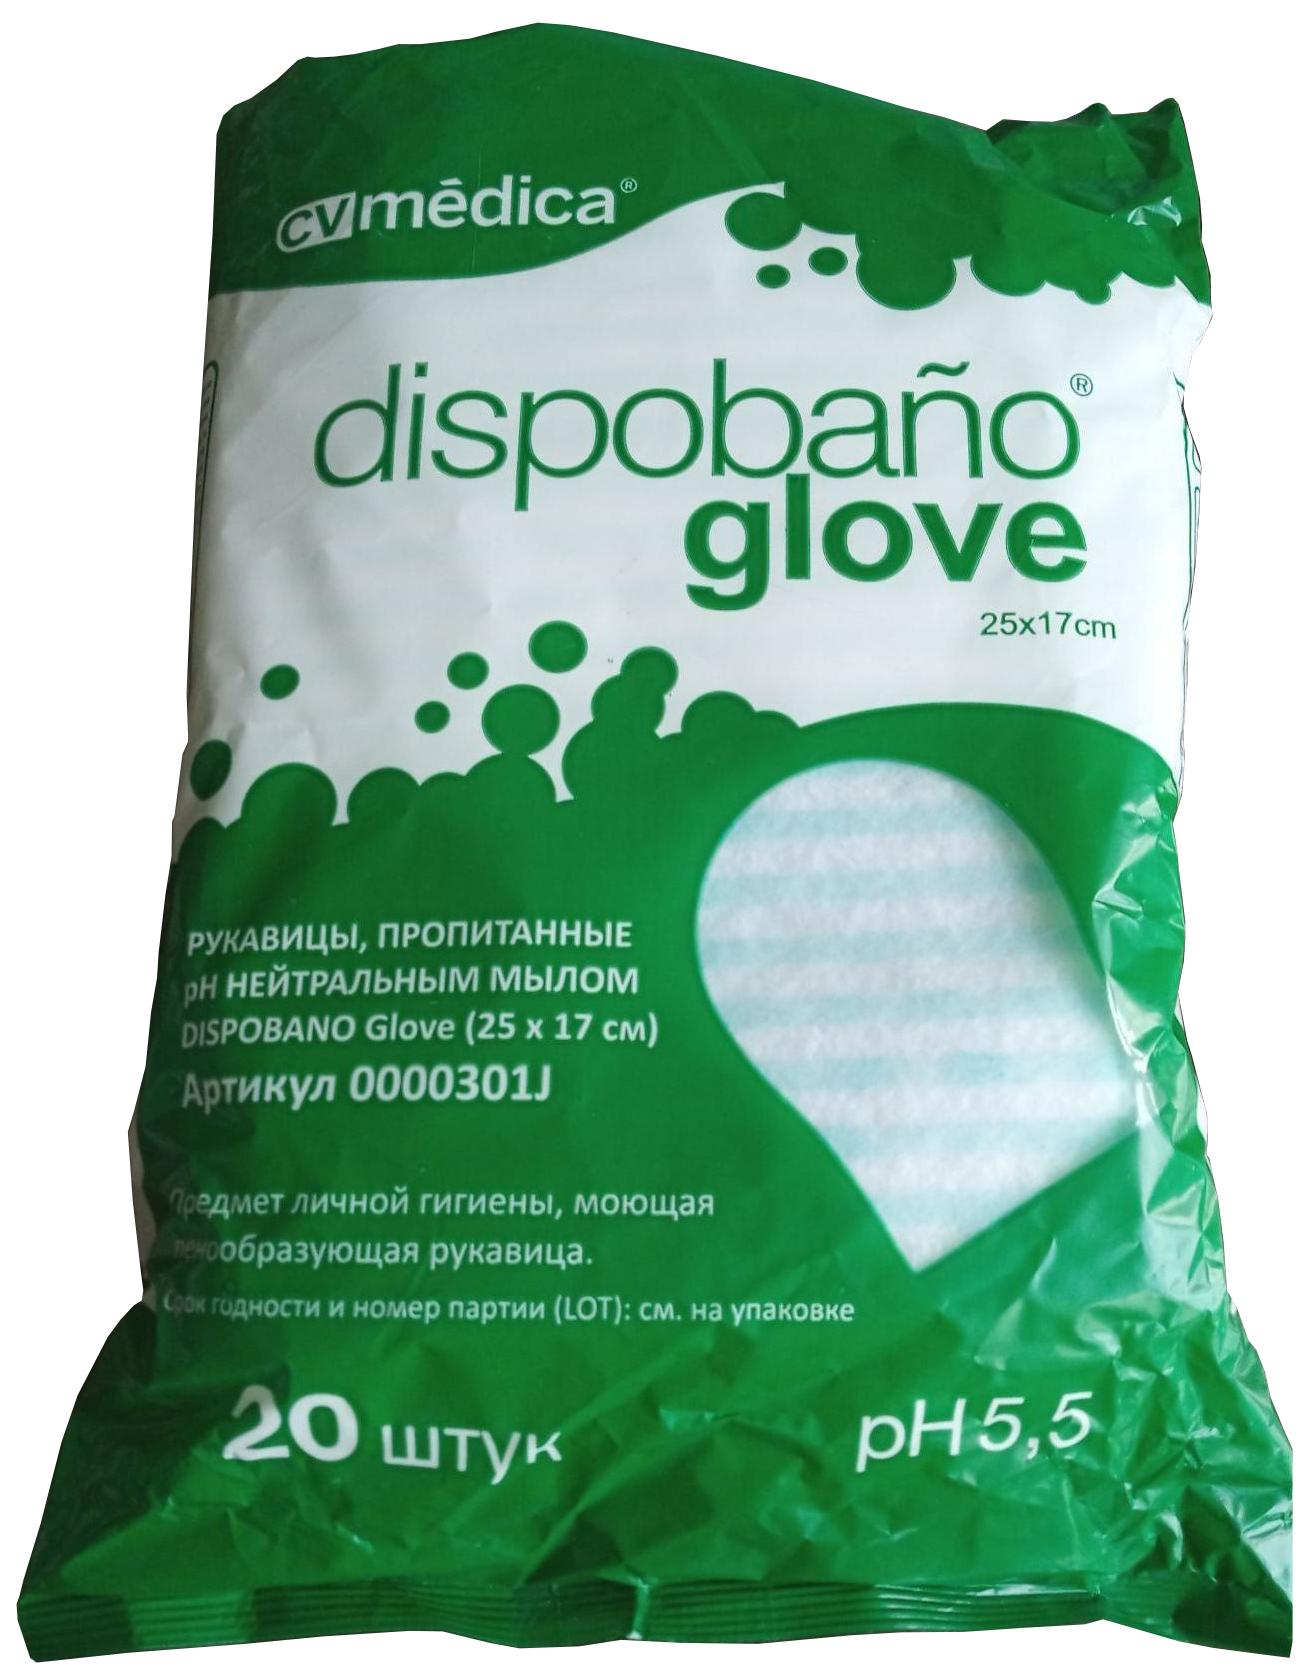 Купить 0000301J, Пенообразующая рукавица CV Medica Dispobano Glove 20 шт.